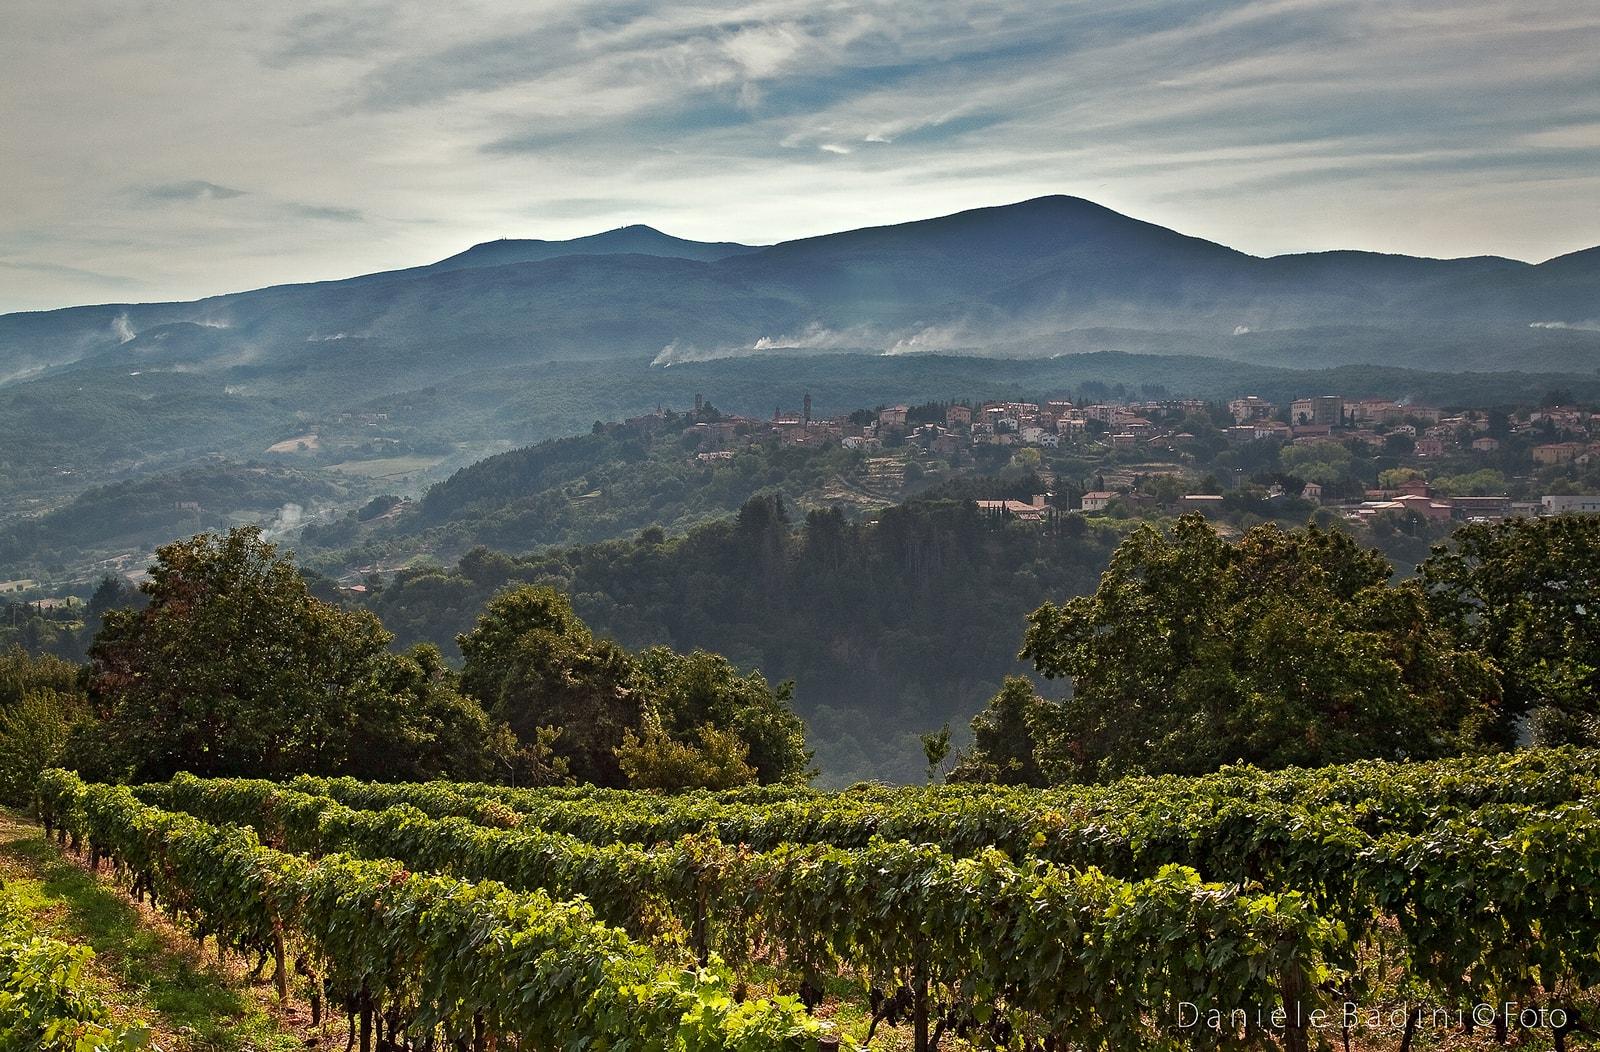 Castel del Piano - Un Paese, un Vulcano, Saperi e Sapori - Toscana Ovunque Bella